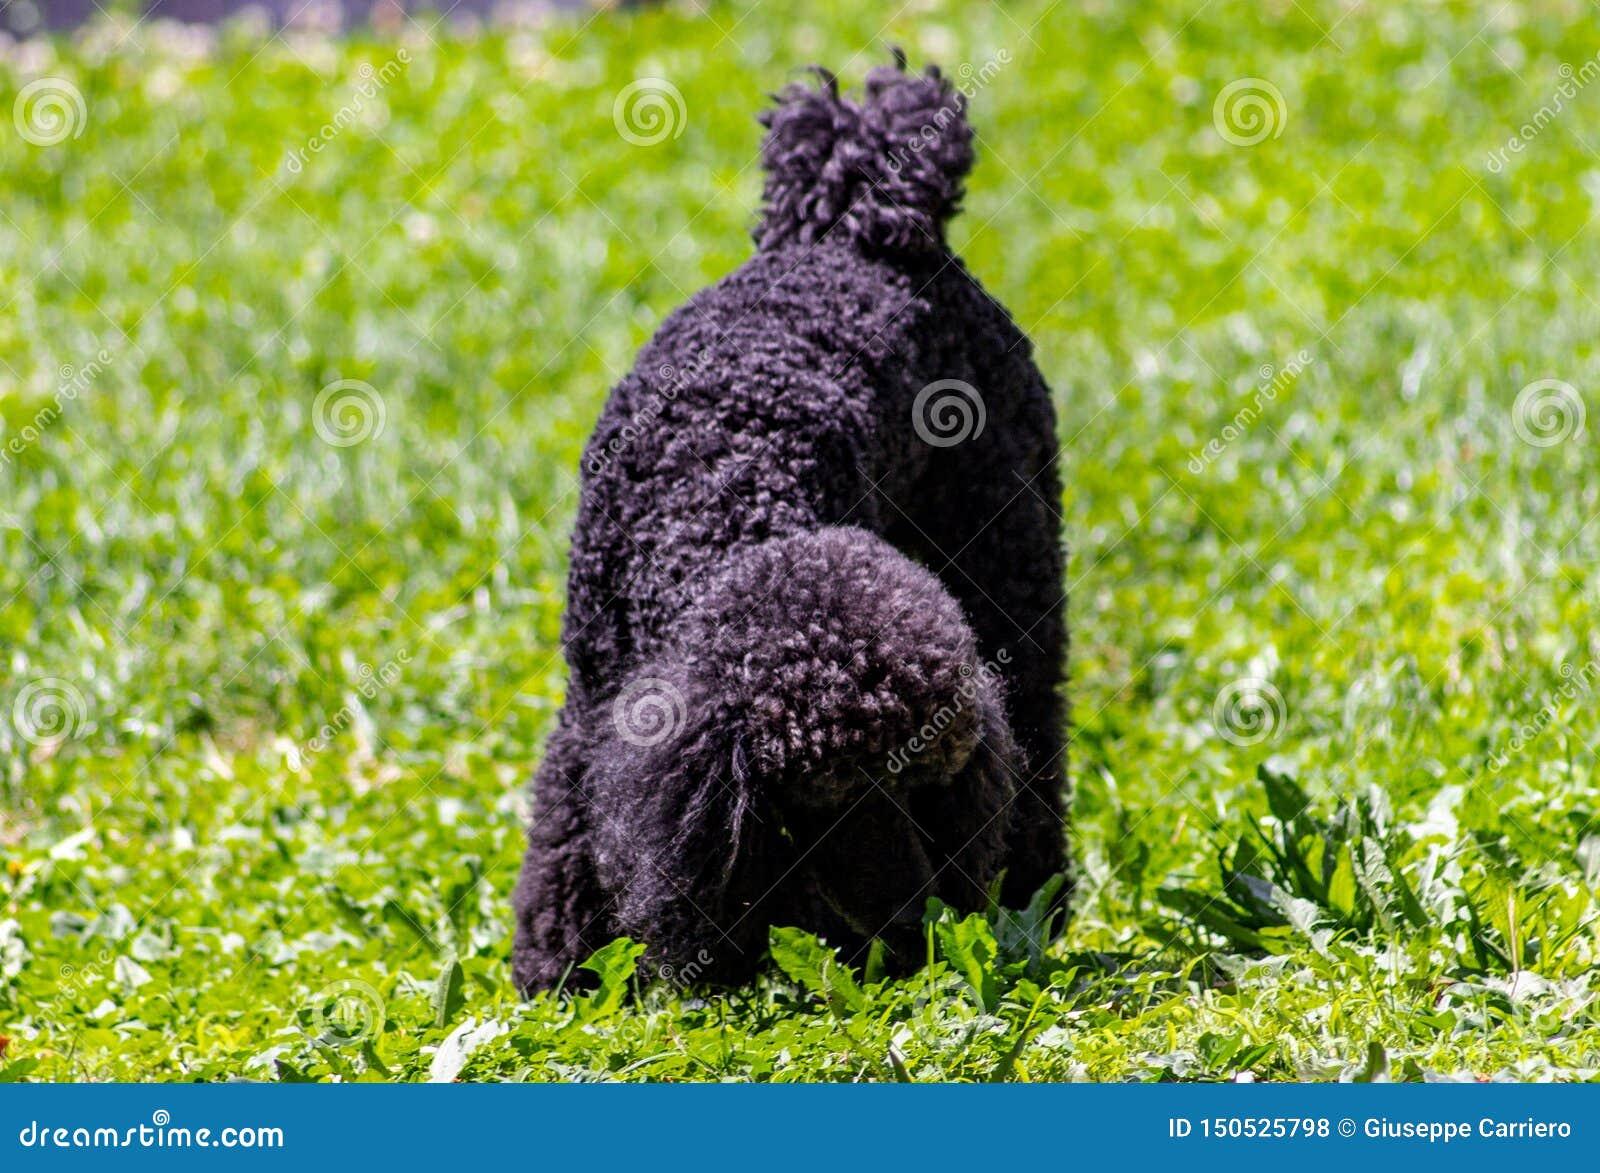 Drałowanie bardzo dobrze definiował twarzowe cechy i jest łatwo distinguishable od jakaś innego psiego trakenu: Głowa jest bardzo